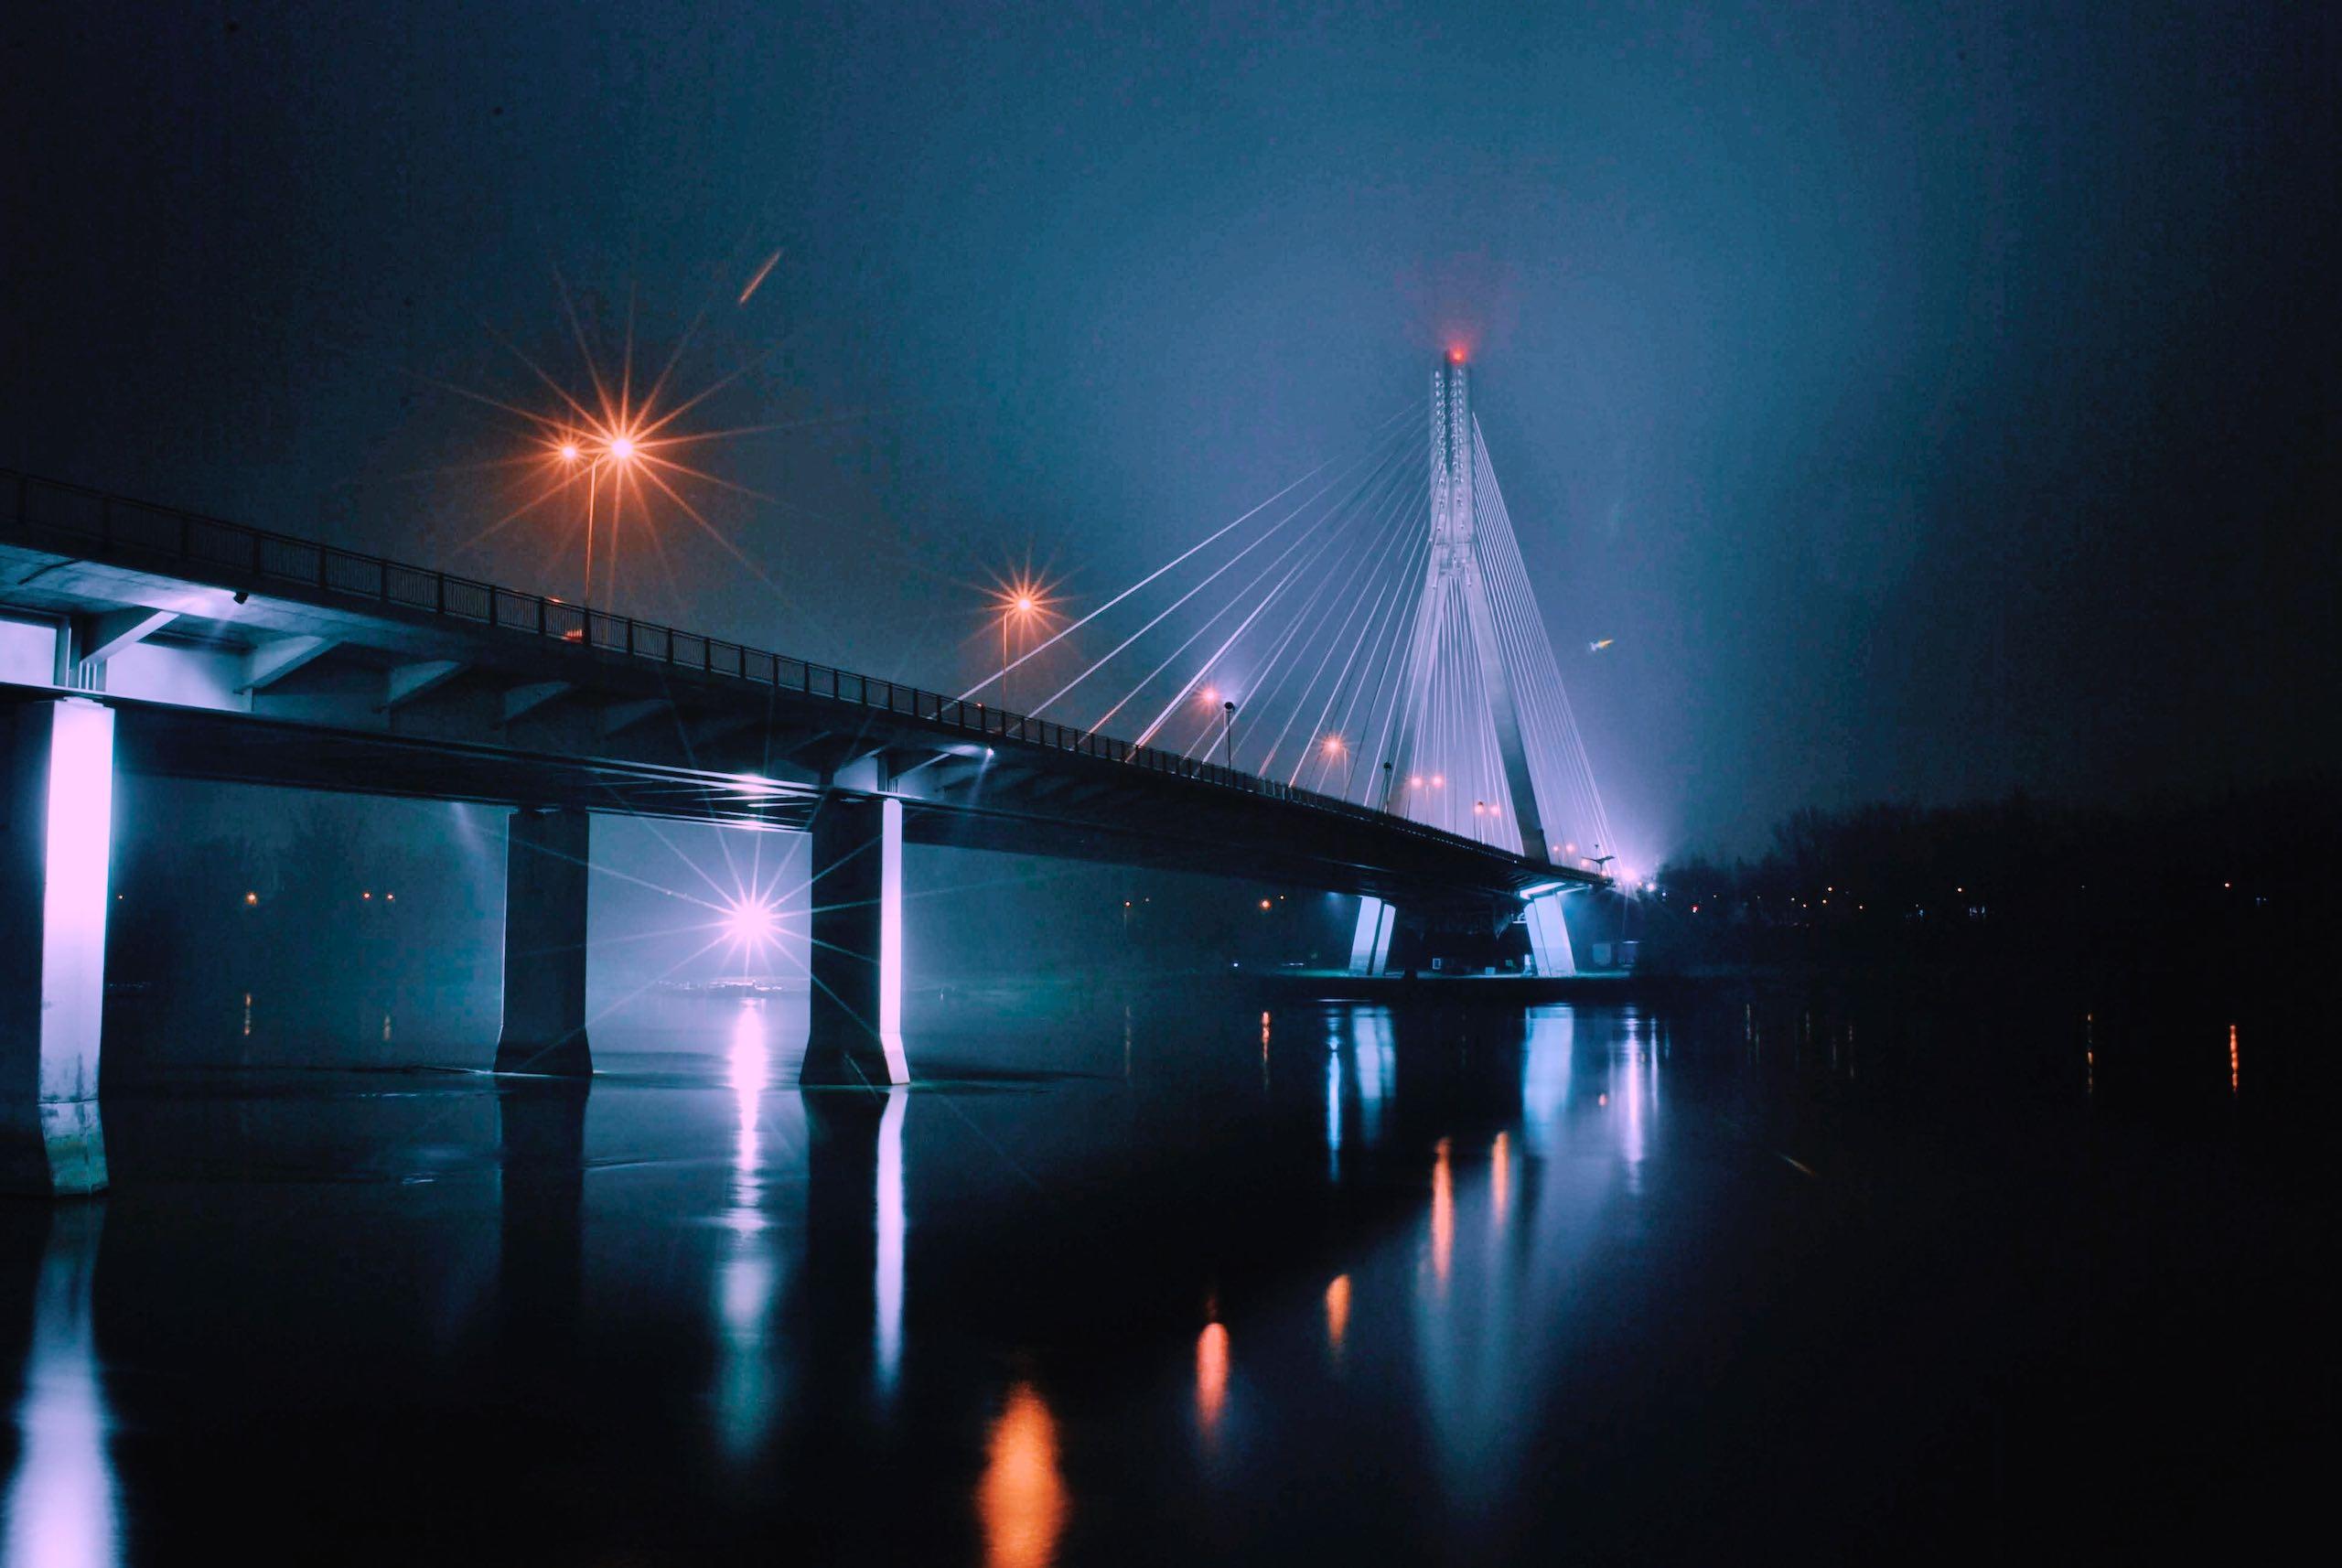 Photo: Valik Chernetskyi